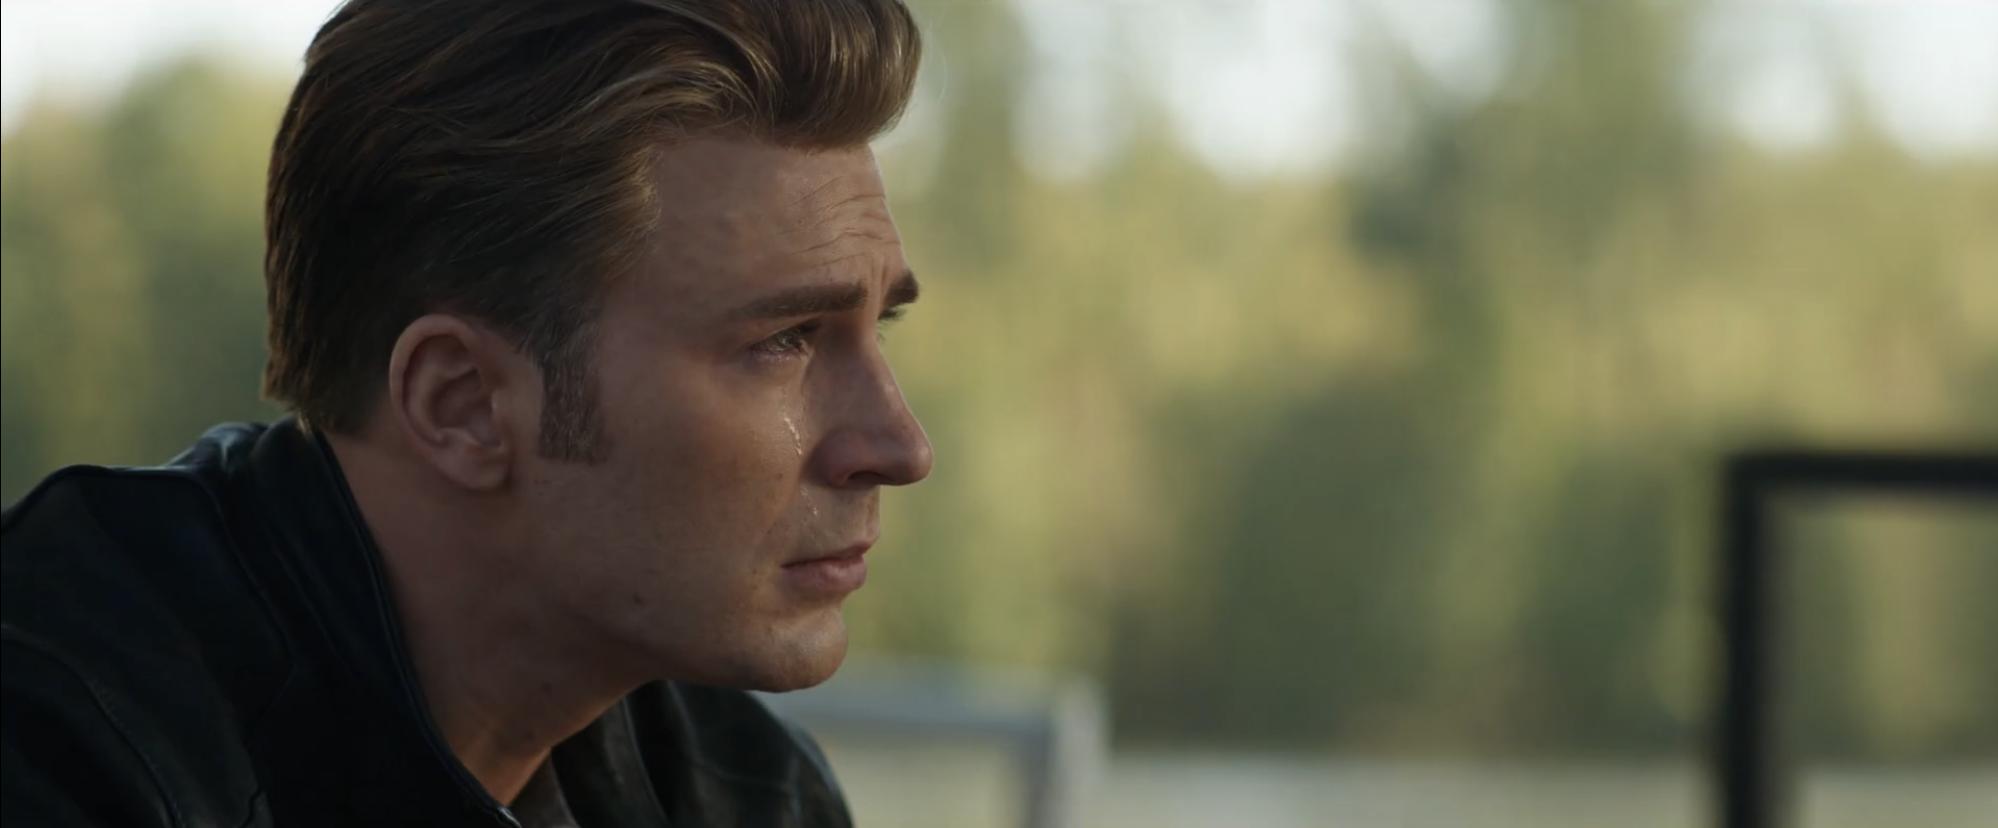 Avengers Endgame Trailer Captain America